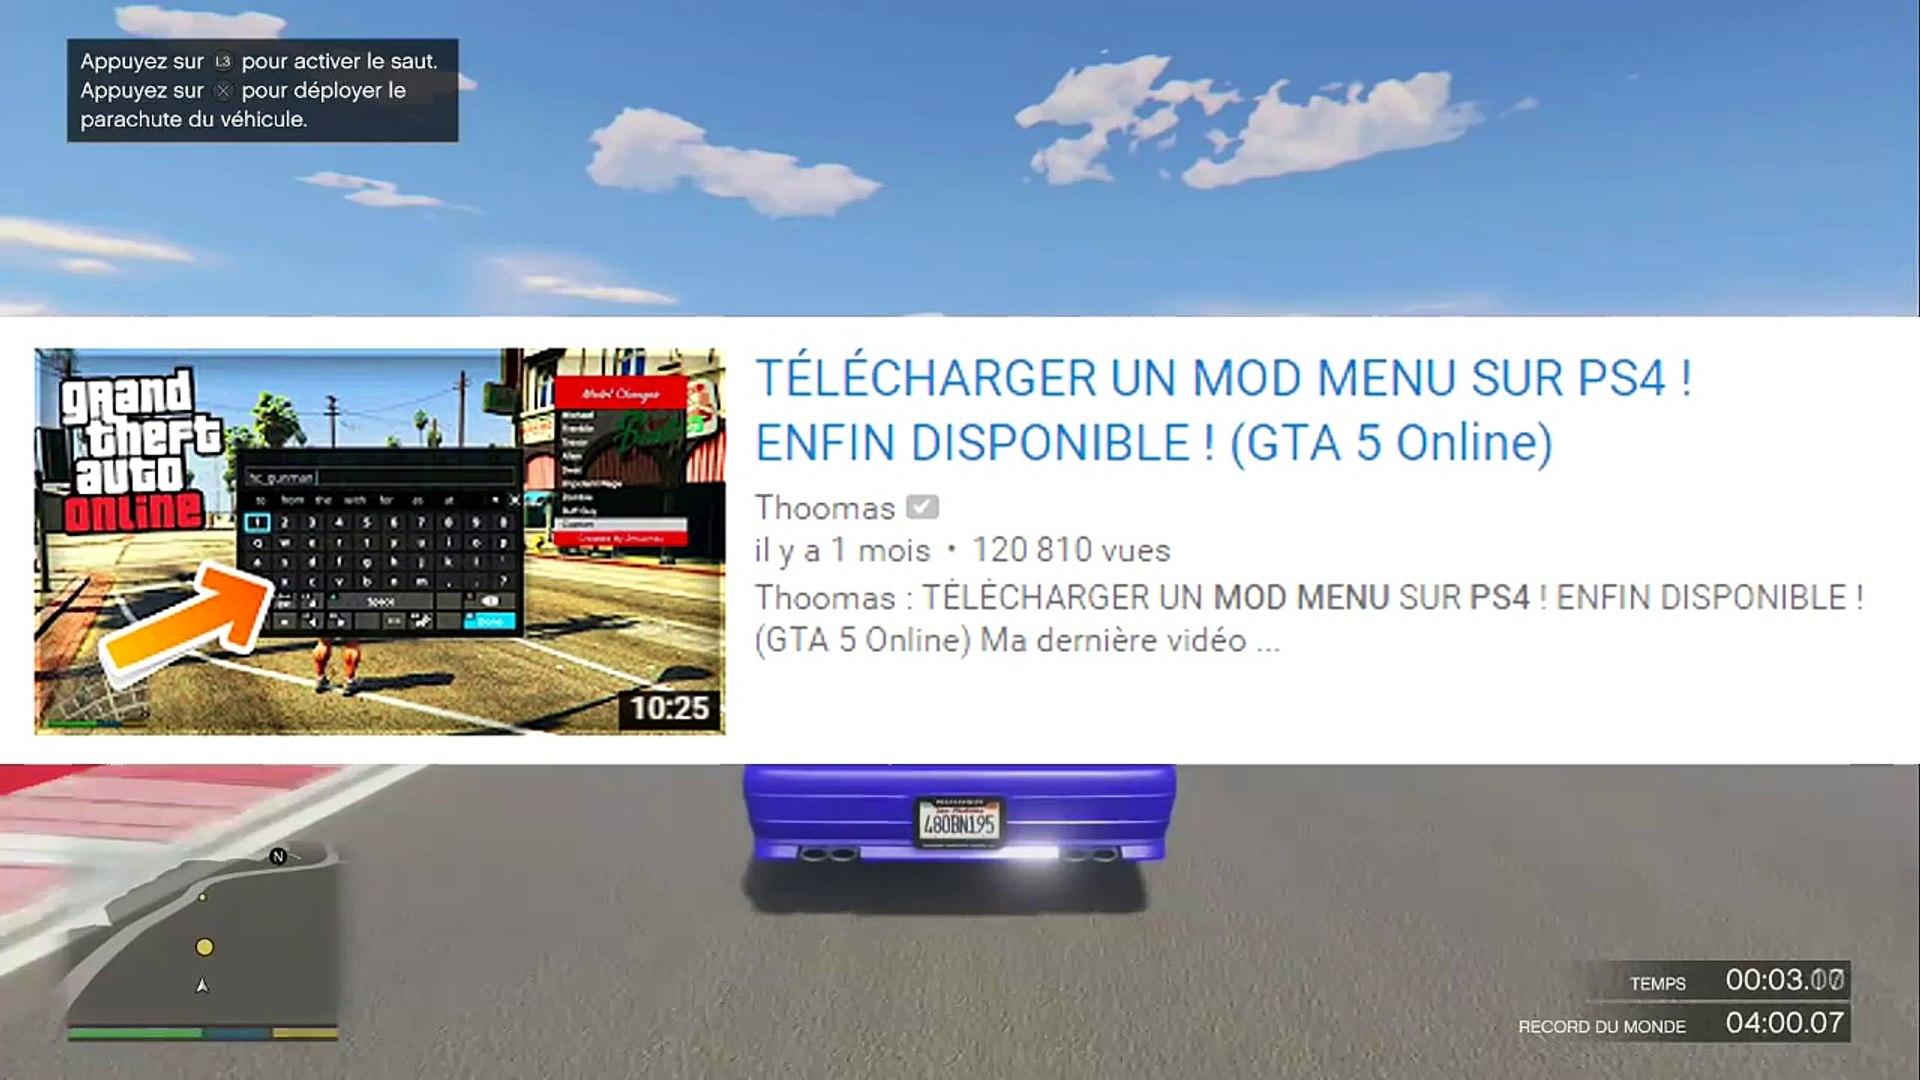 MOD MENU SUR PS4 - ROCKSTAR RÉAGIT ! (GTA 5 Online)